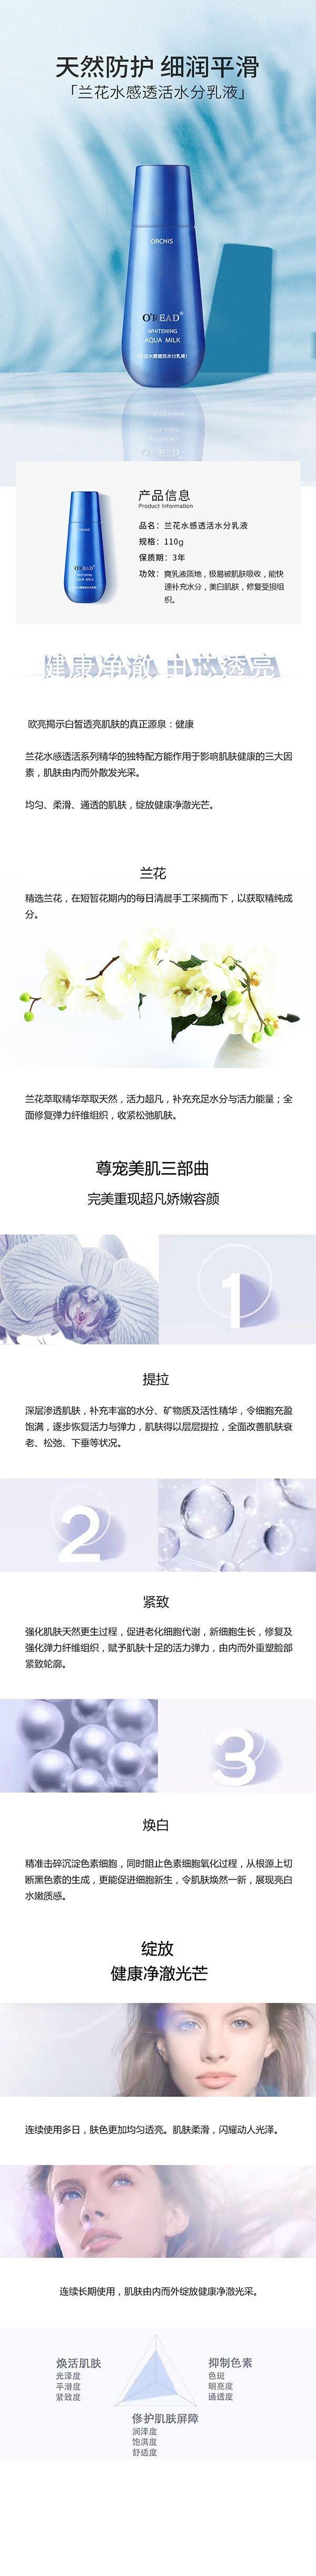 兰花水感透活水分乳液-详情1